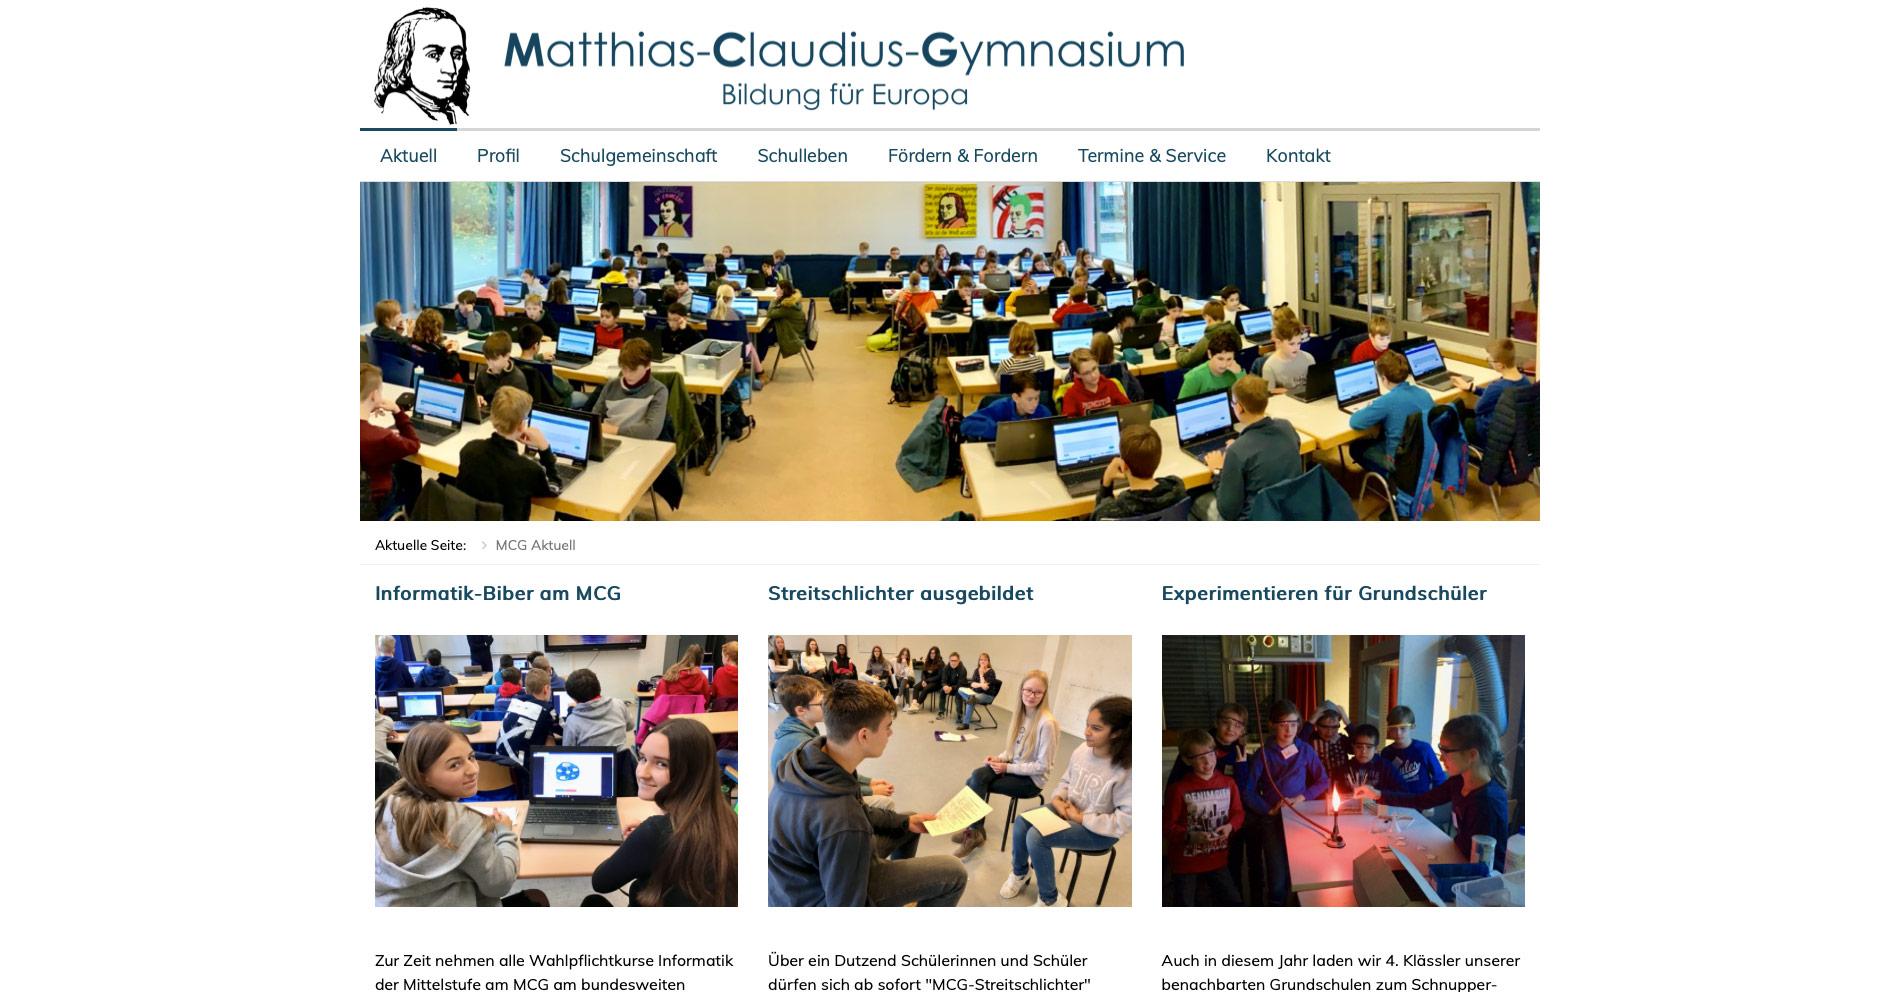 P1XEL - Joomla Webseite für das Matthias-Claudius-Gymnasium in Hamburg